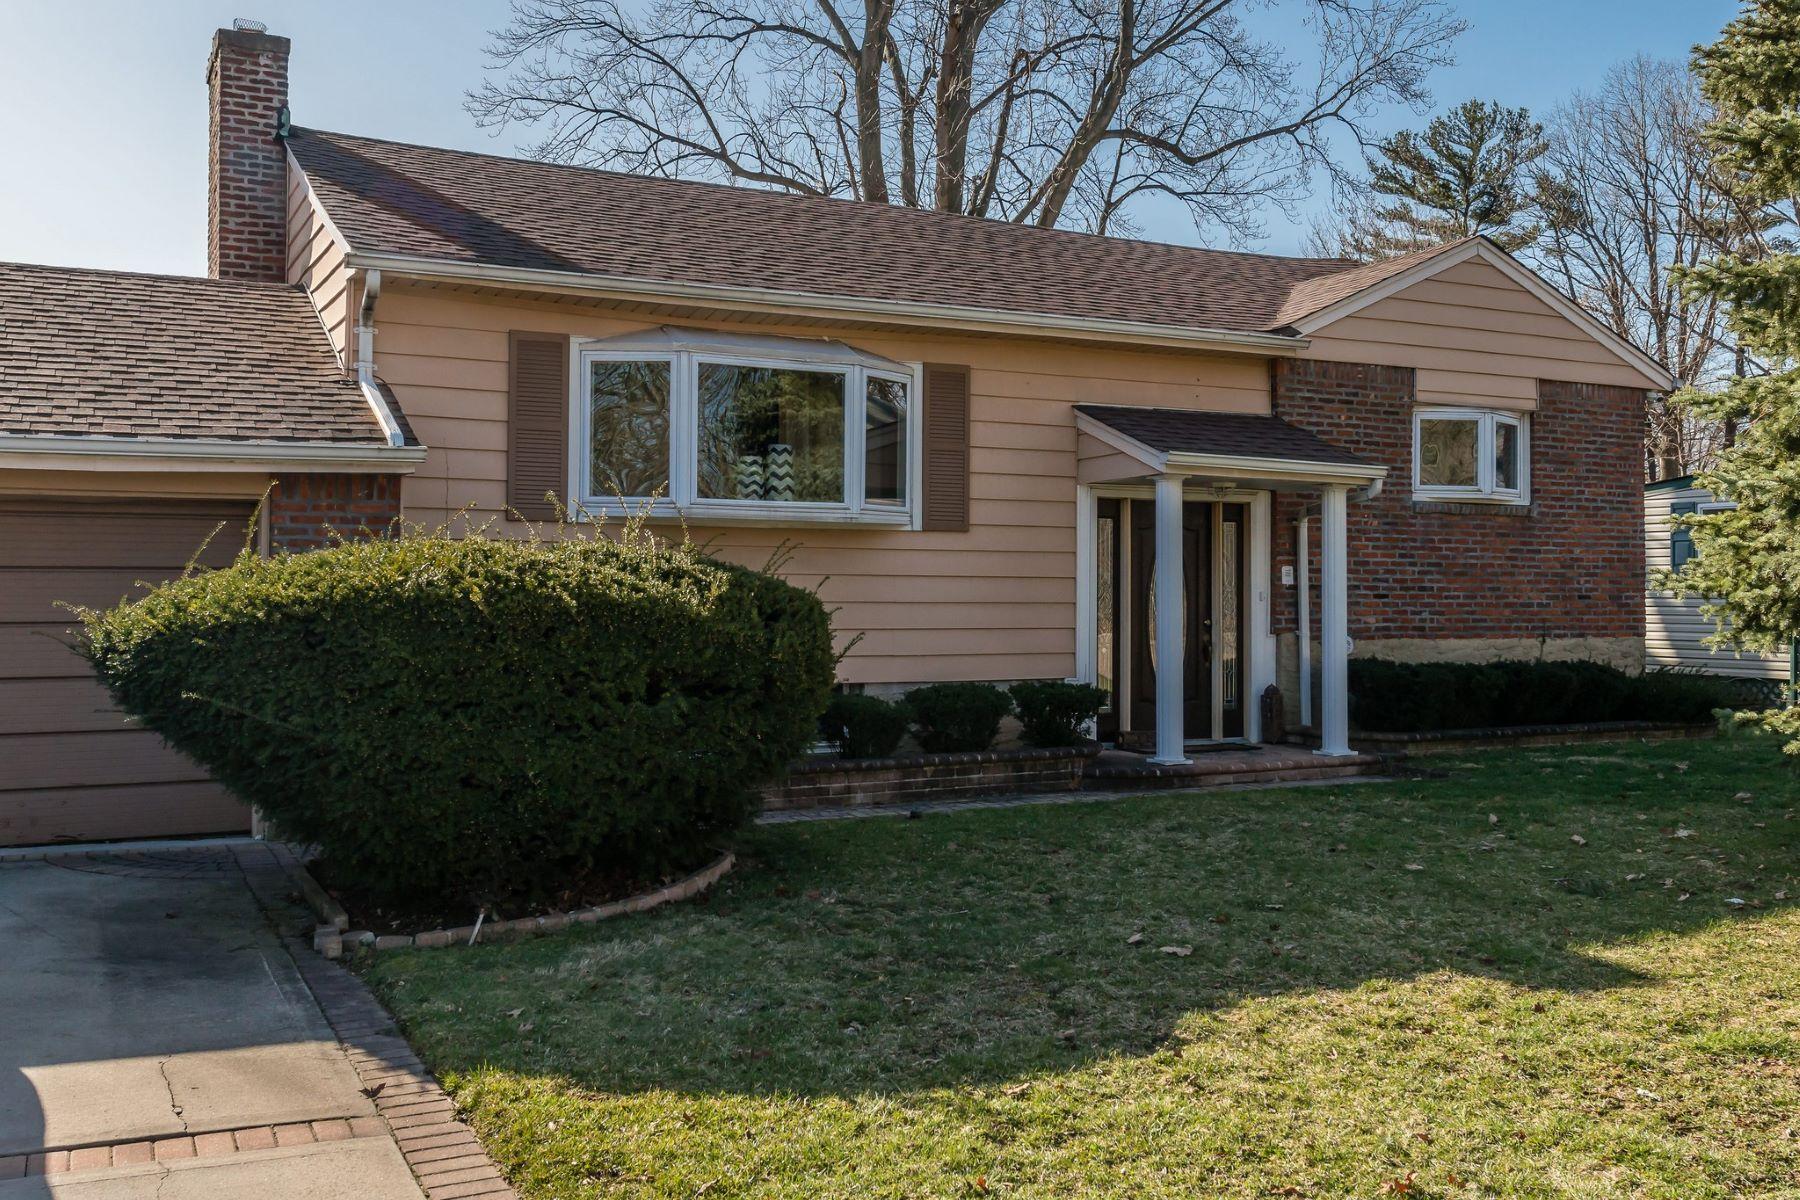 واحد منزل الأسرة للـ Sale في 7 Peconic Ct , Westbury, NY 11590 7 Peconic Ct, Westbury, New York, 11590 United States